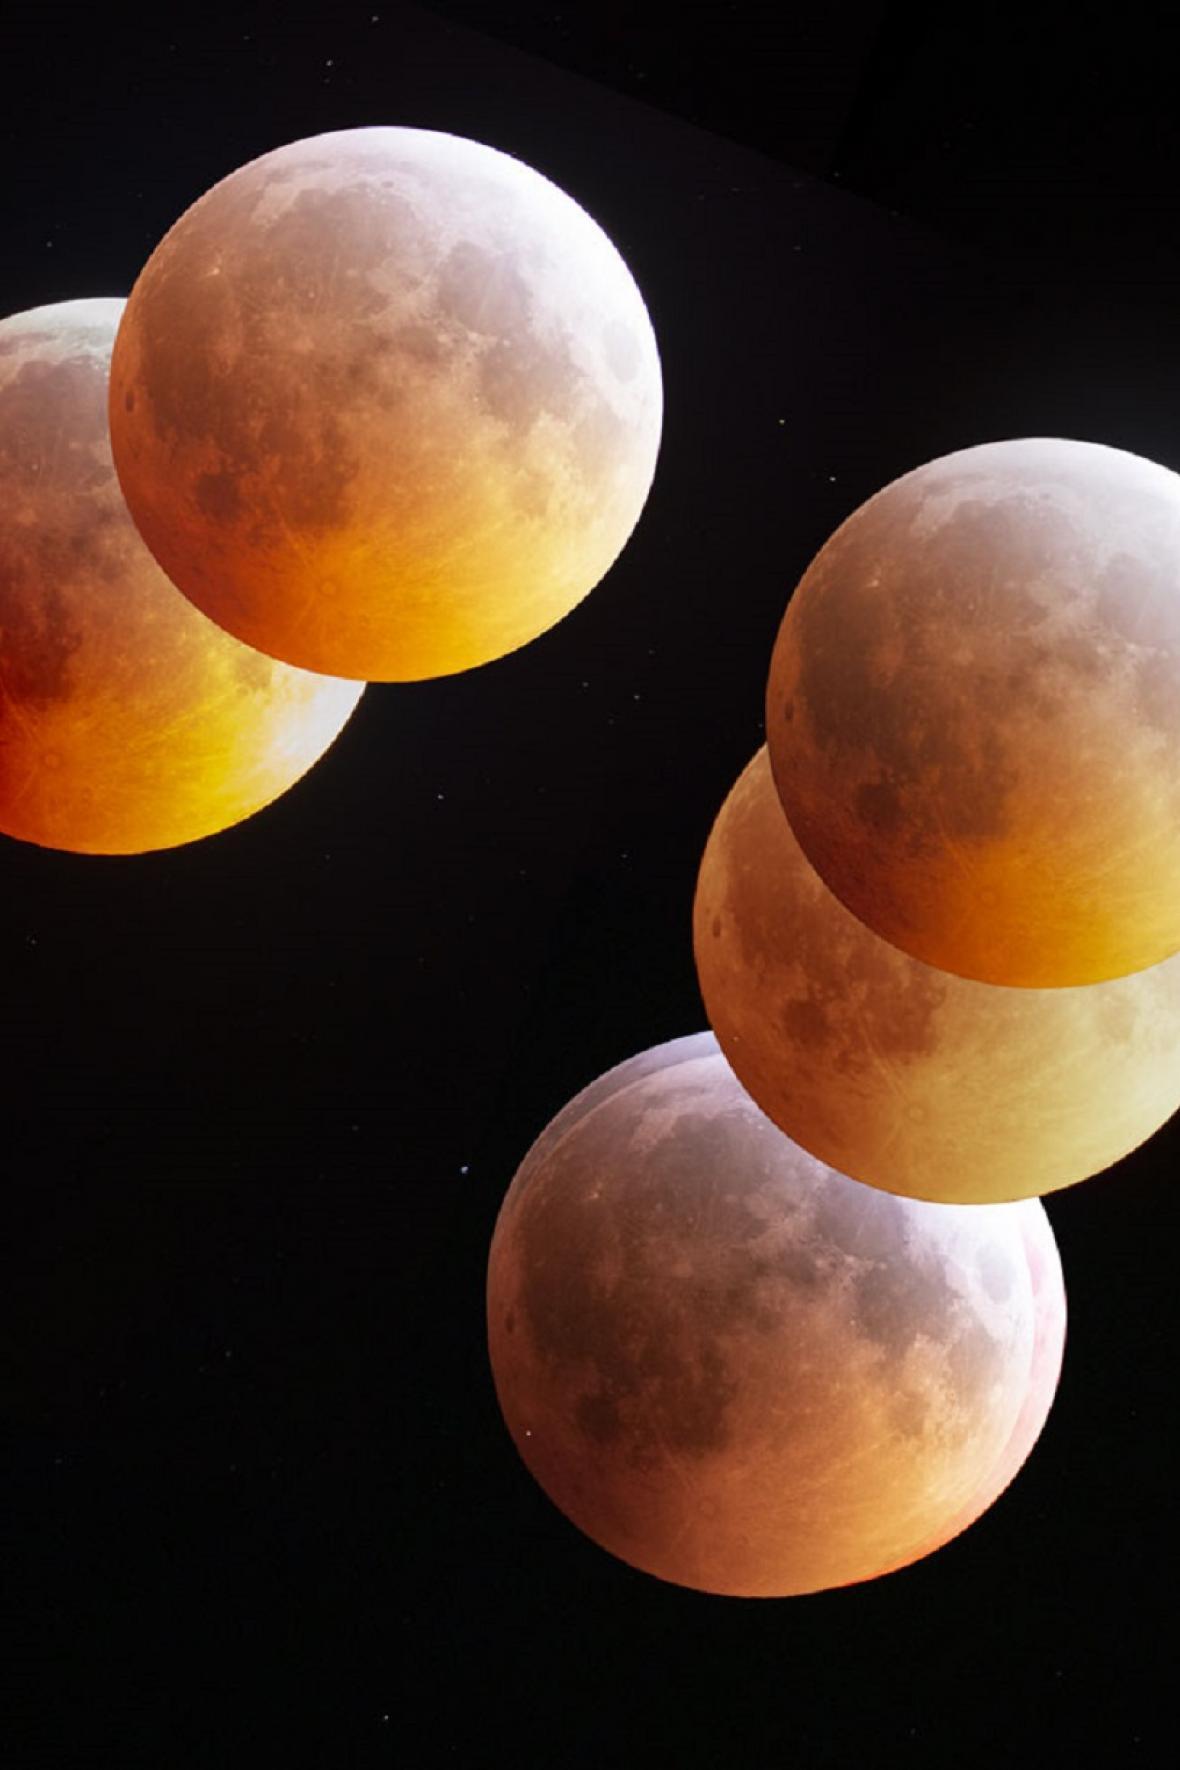 Snímek dne NASA 5. února 2020 – Perspektivy měsíčního zatmění (